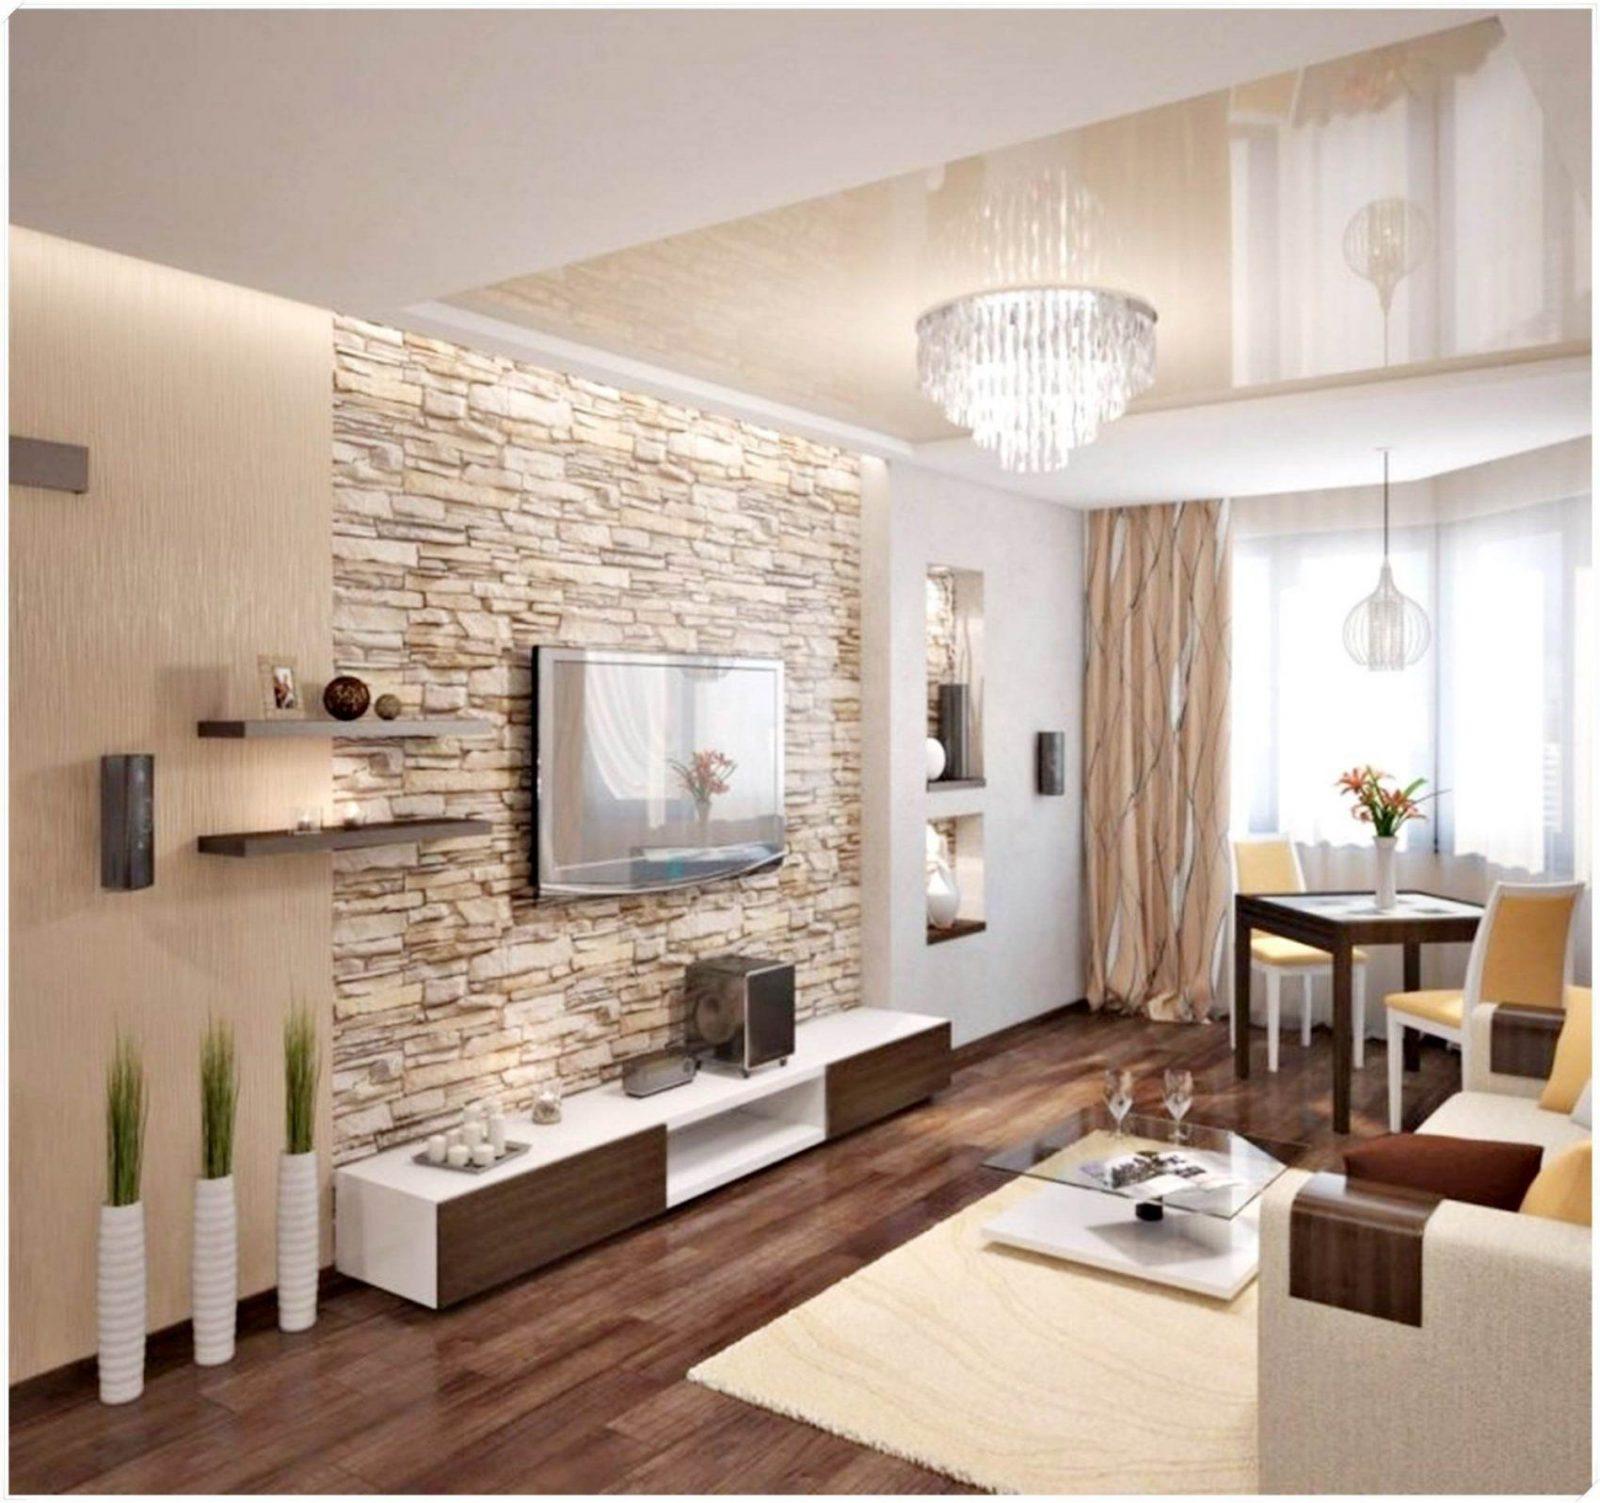 Wohnzimmer Wandgestaltung Tapete  C Aseartsf von Wandgestaltung Mit Tapeten Wohnzimmer Photo